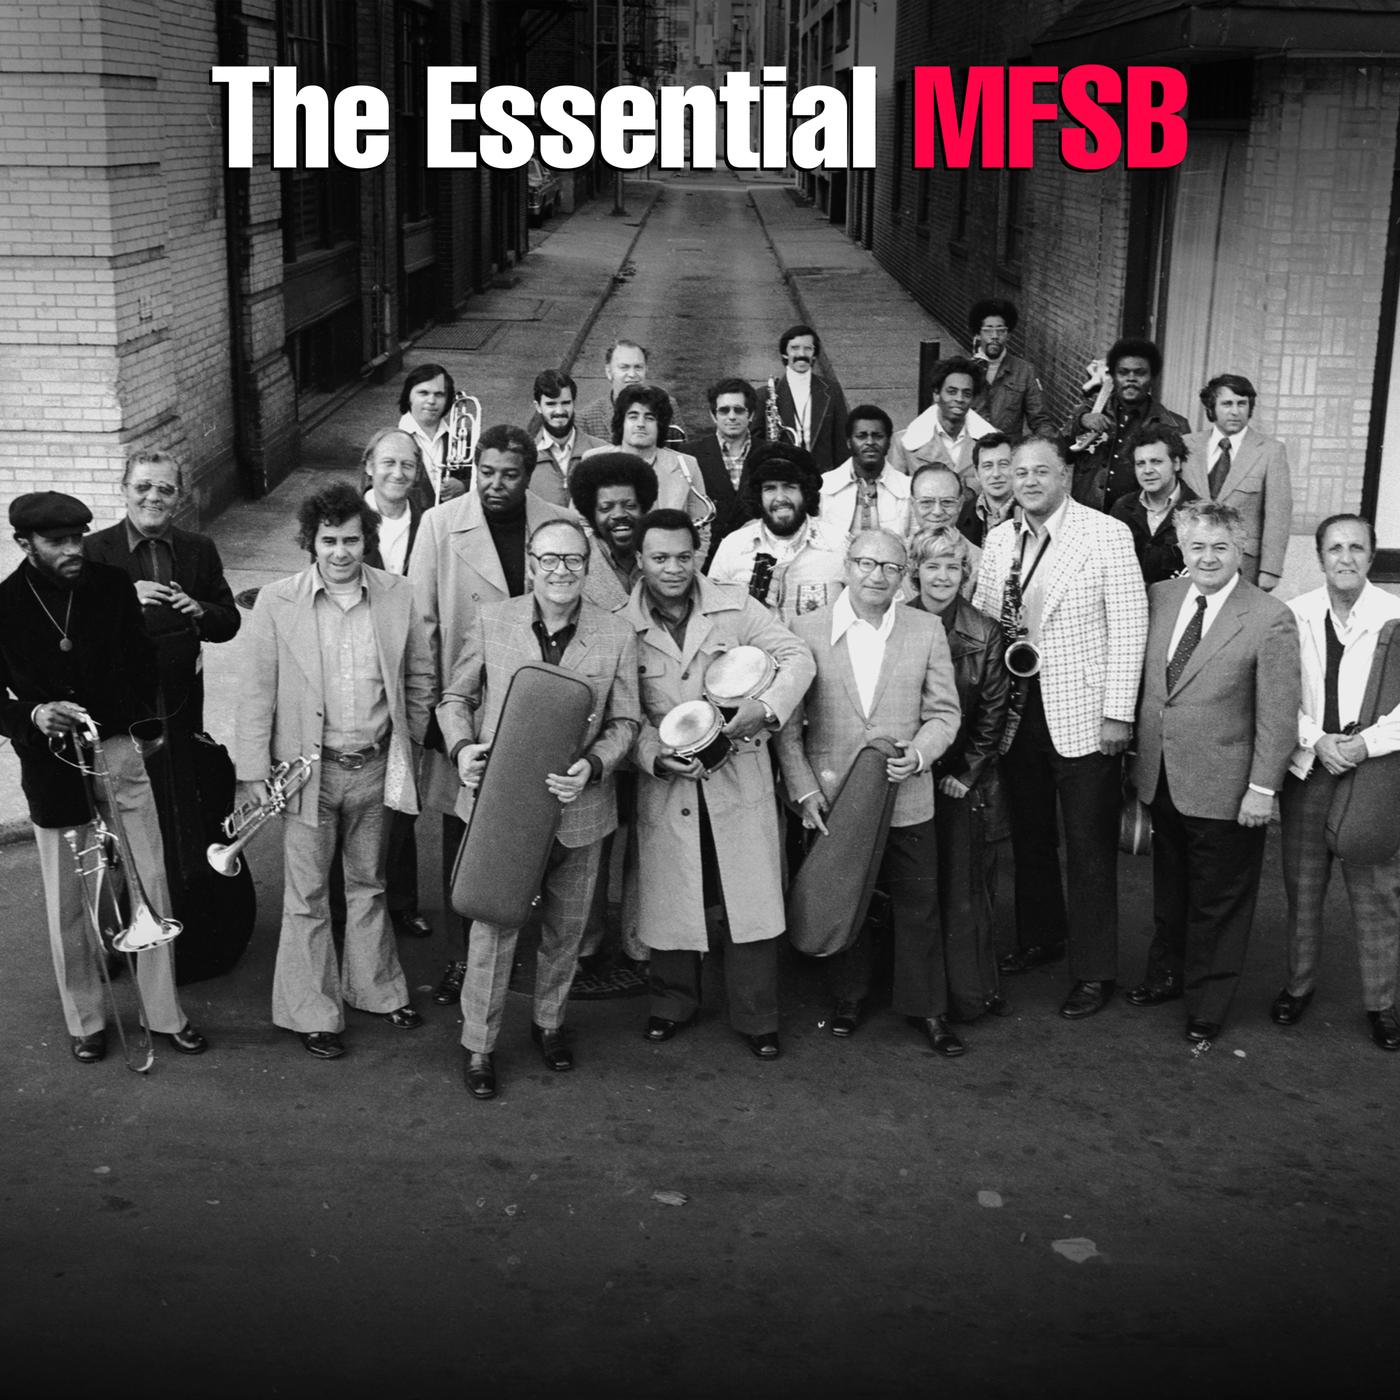 The Essential MFSB - MFSB